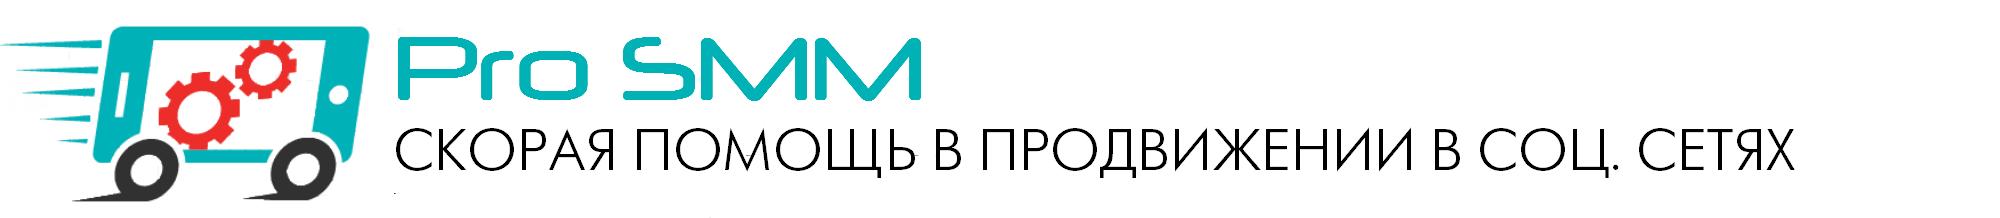 Про СММ